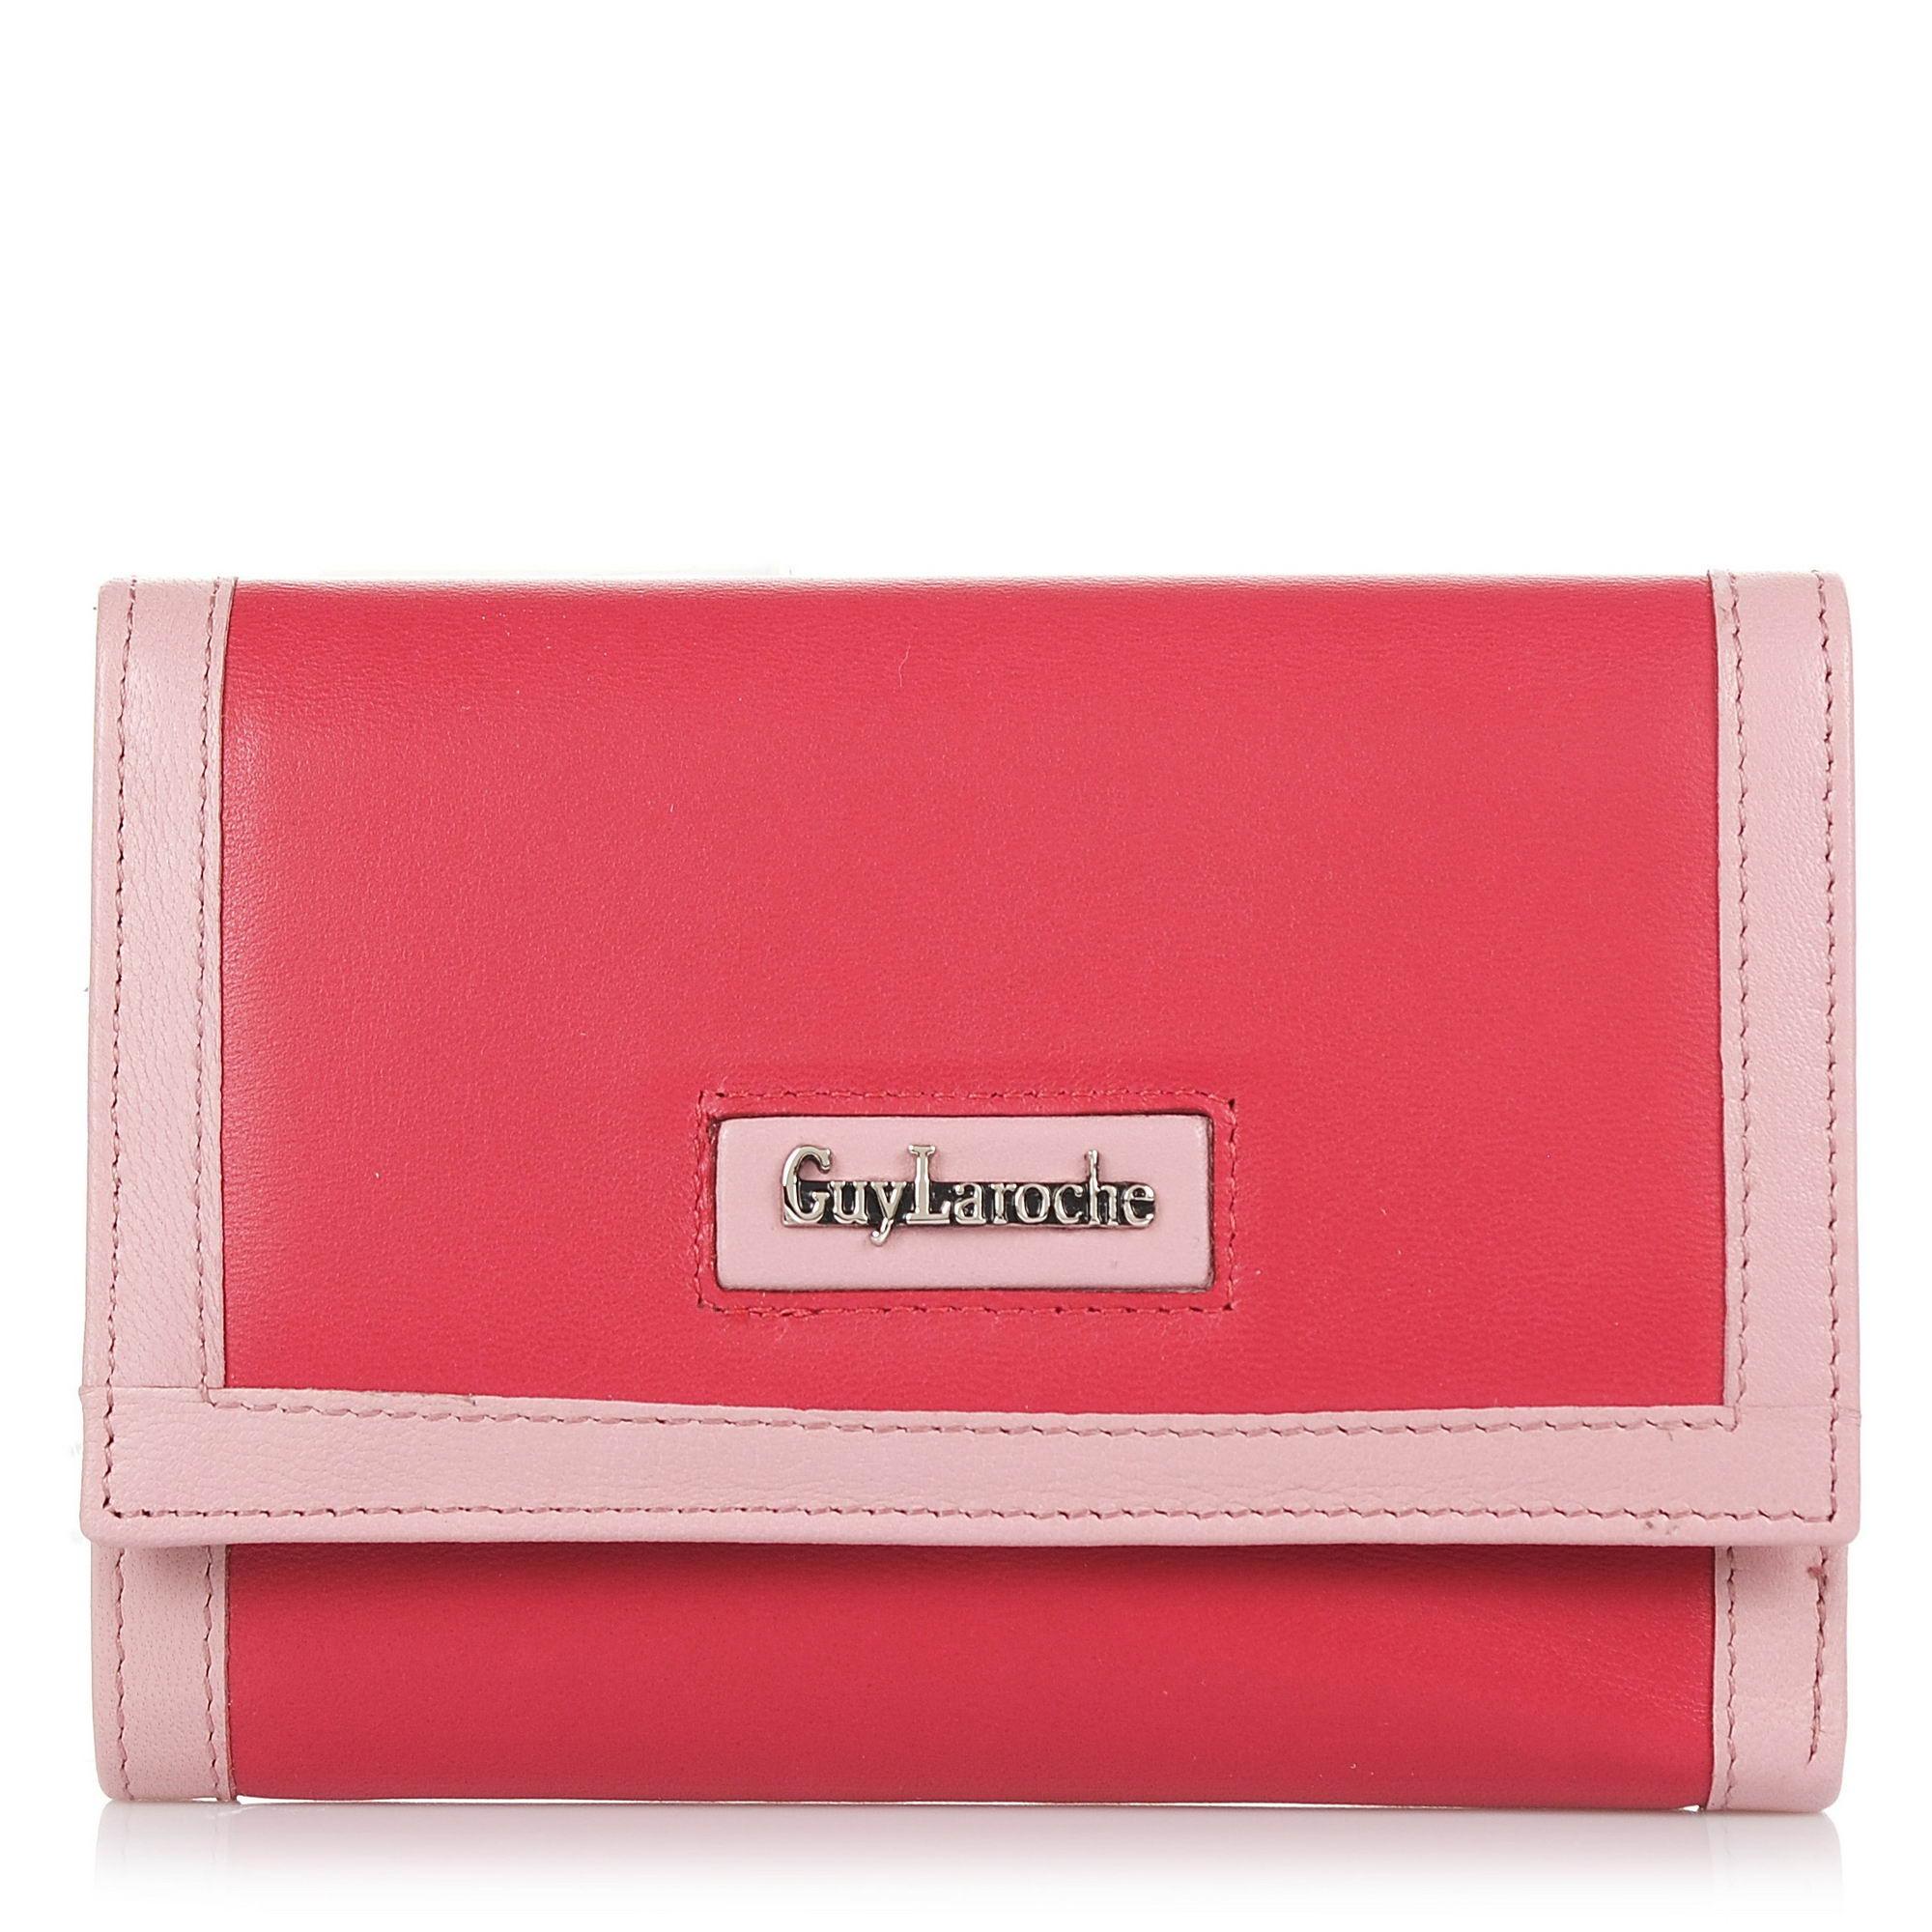 Δερμάτινο Πορτοφόλι Guy Laroche 62217 γυναικα   γυναικείο πορτοφόλι